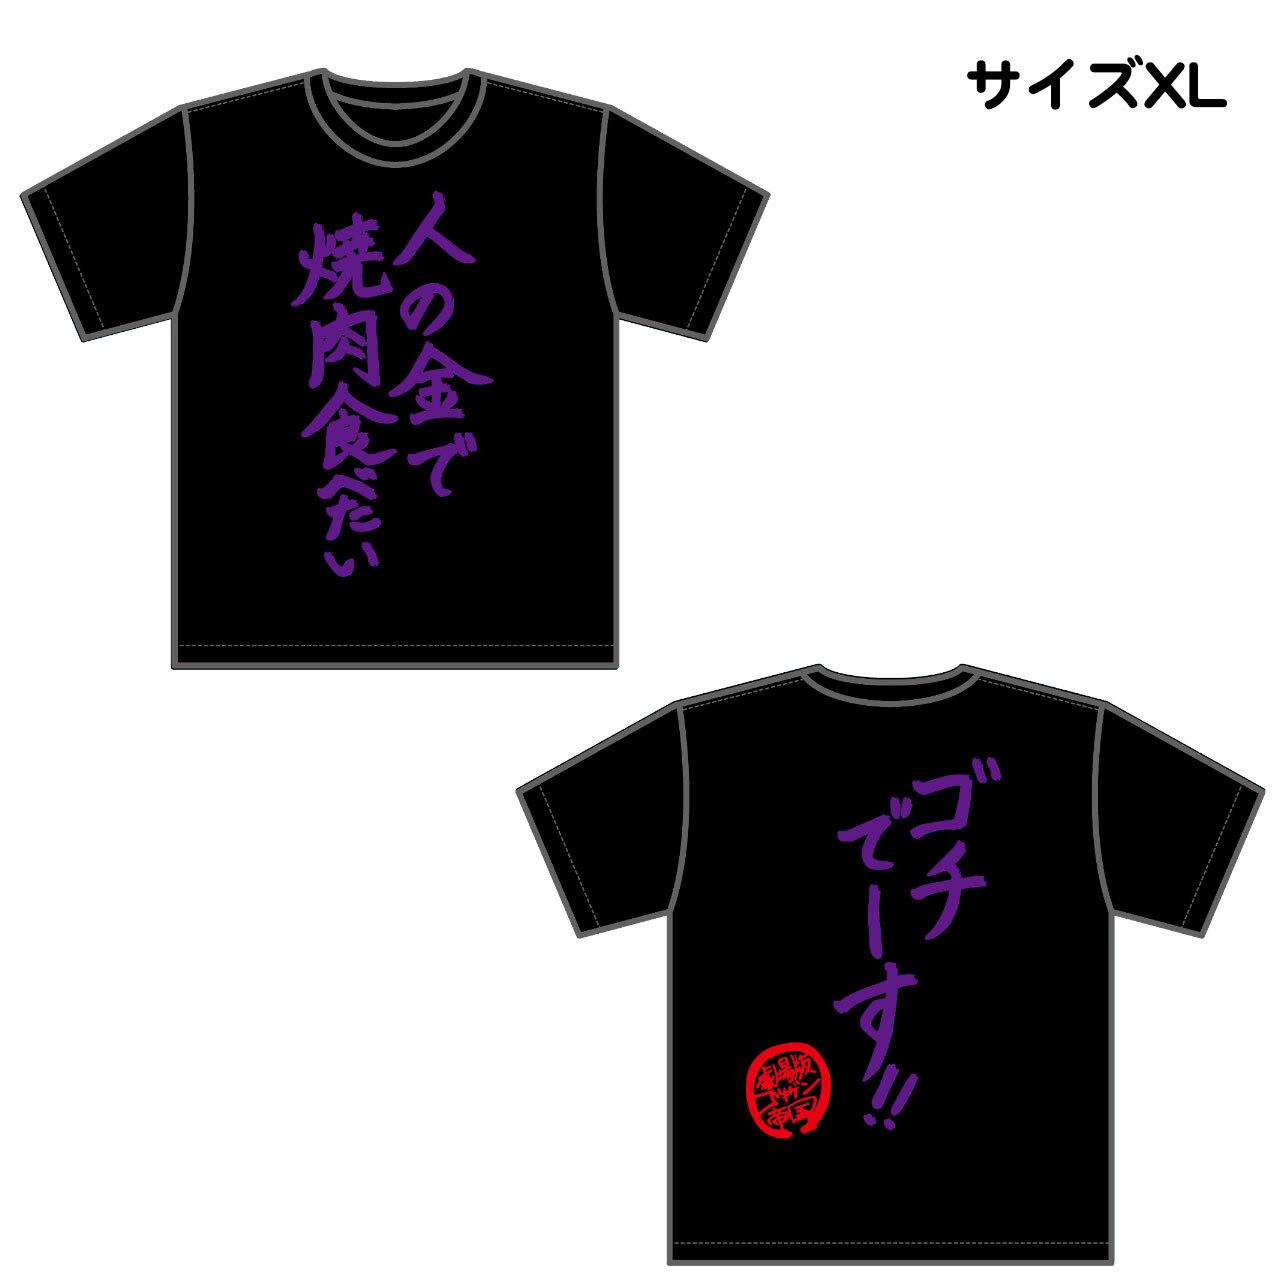 【数量限定】劇場版ゴキゲン帝国/「人の金で焼肉食べたい」Tシャツ/星紫穂カラー/XL